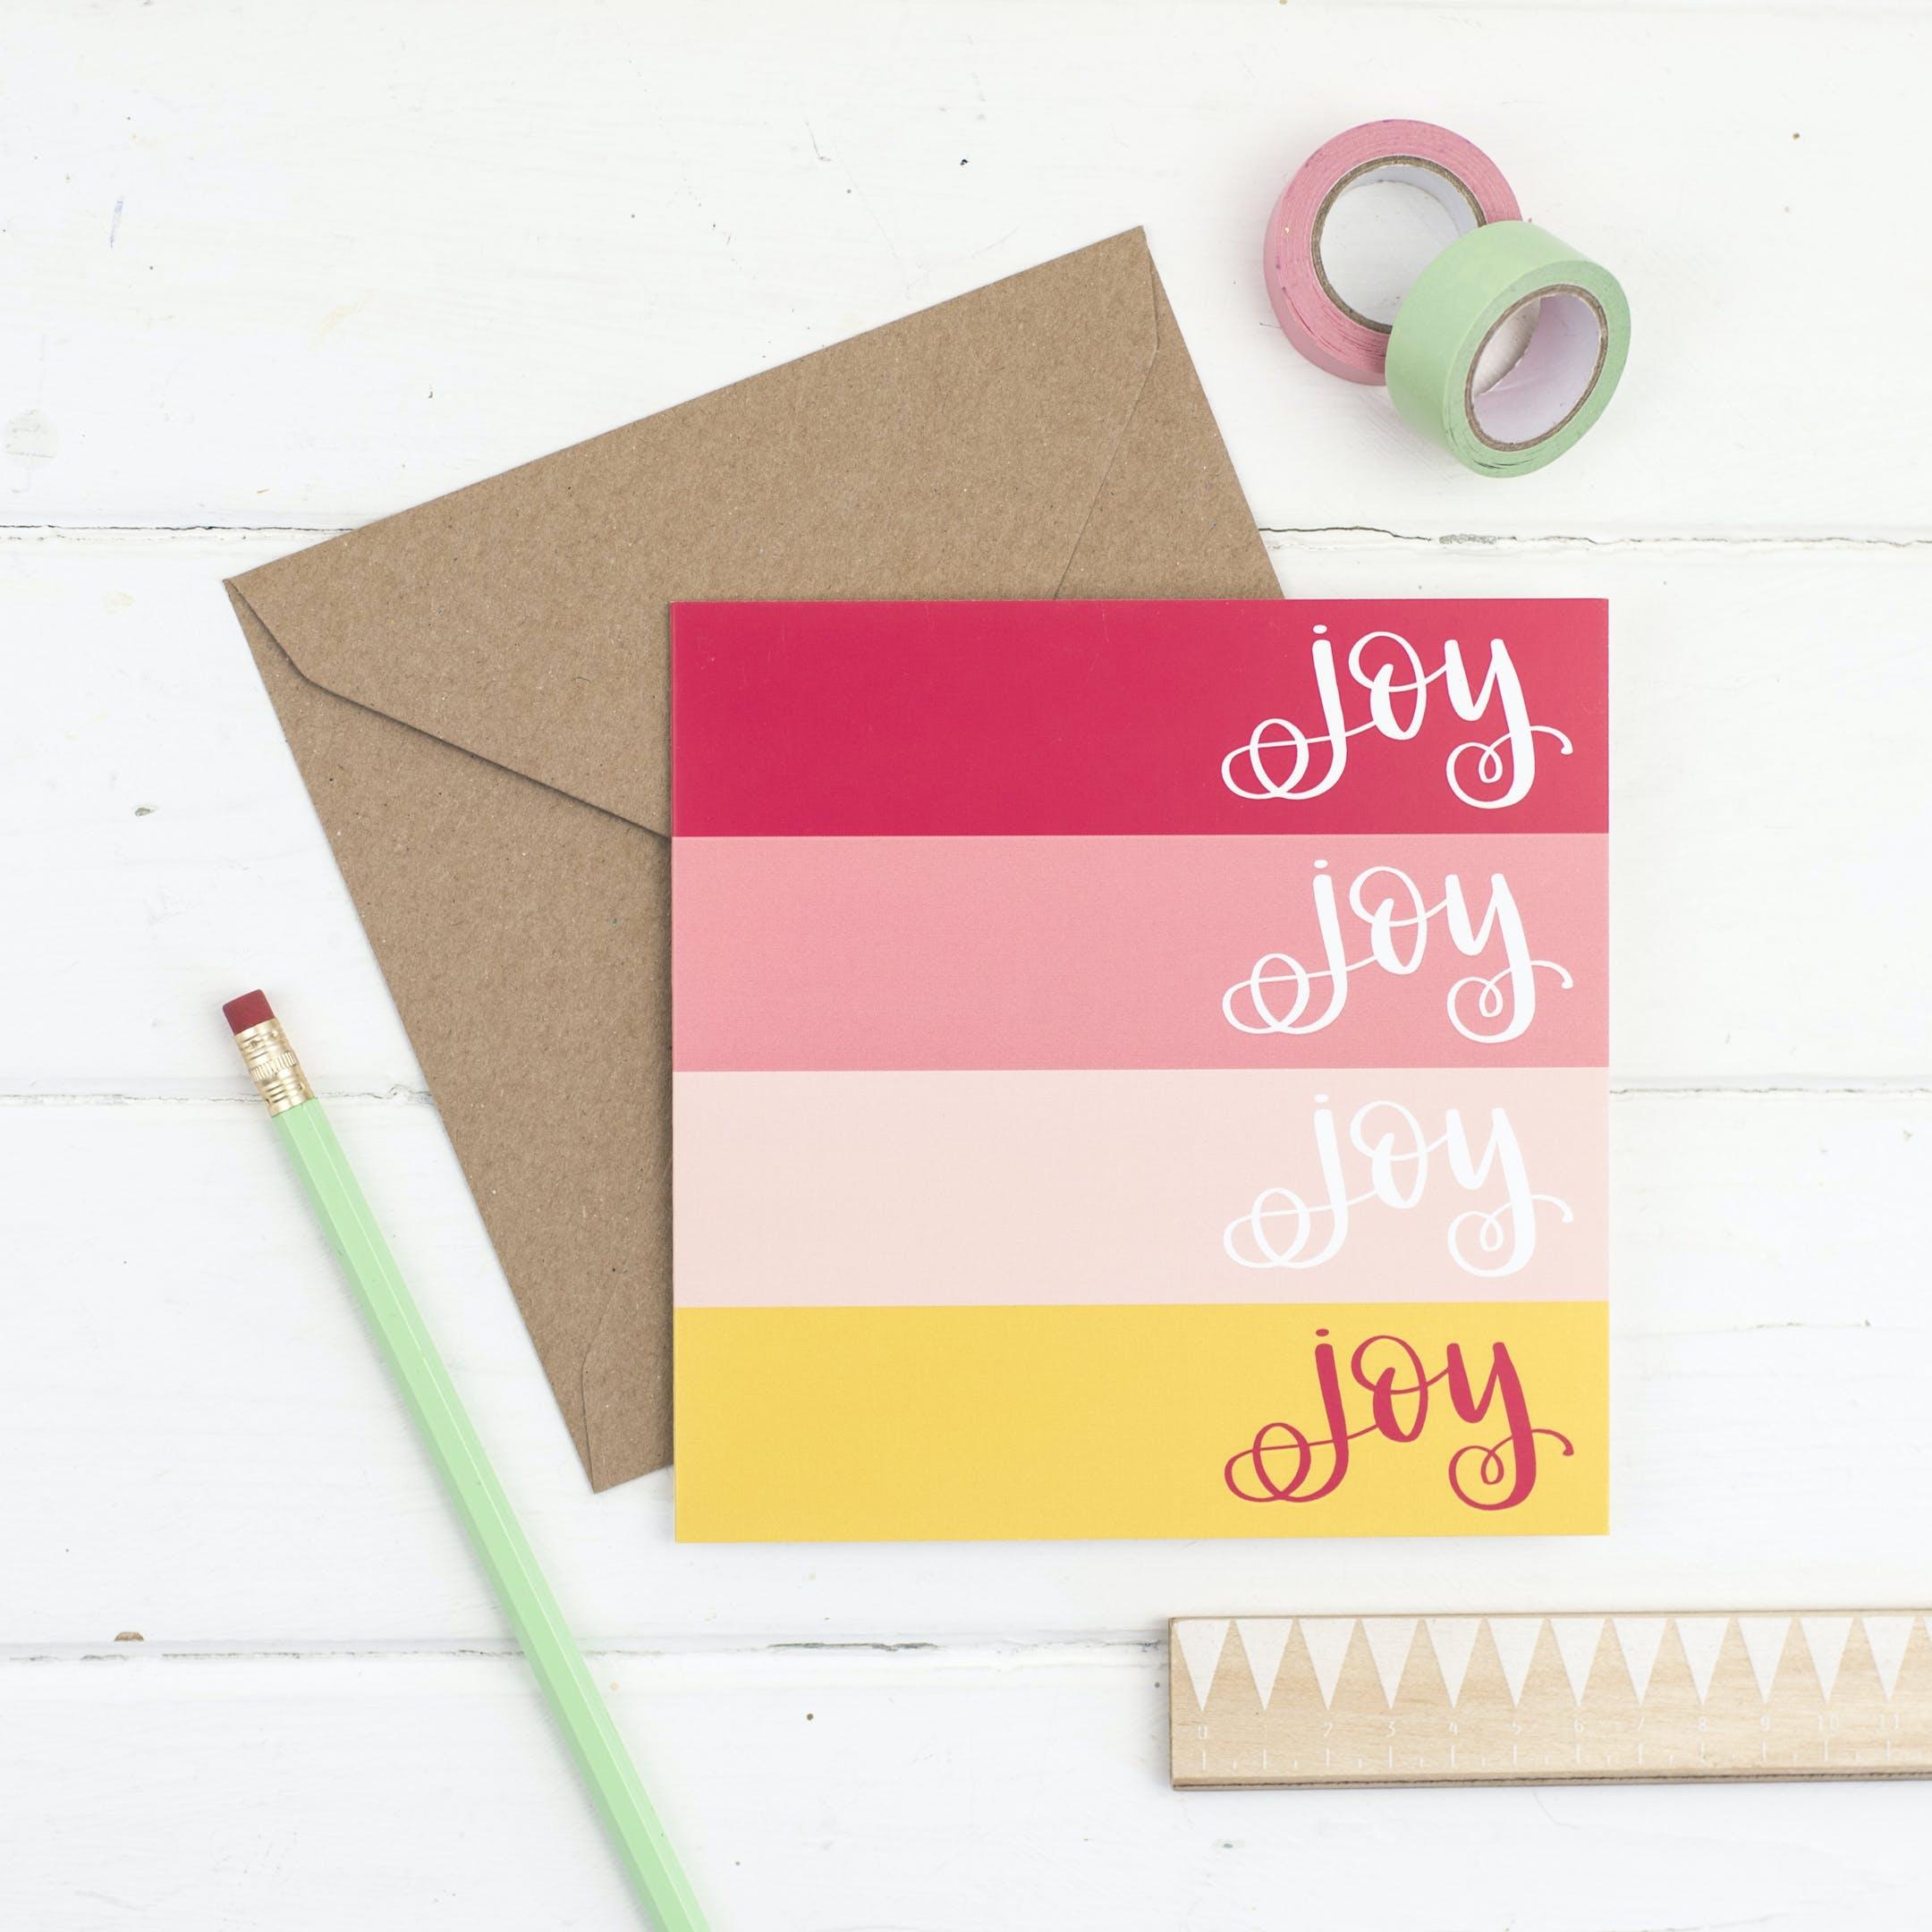 Joy Joy Joy Joy Card - Hope and Ginger